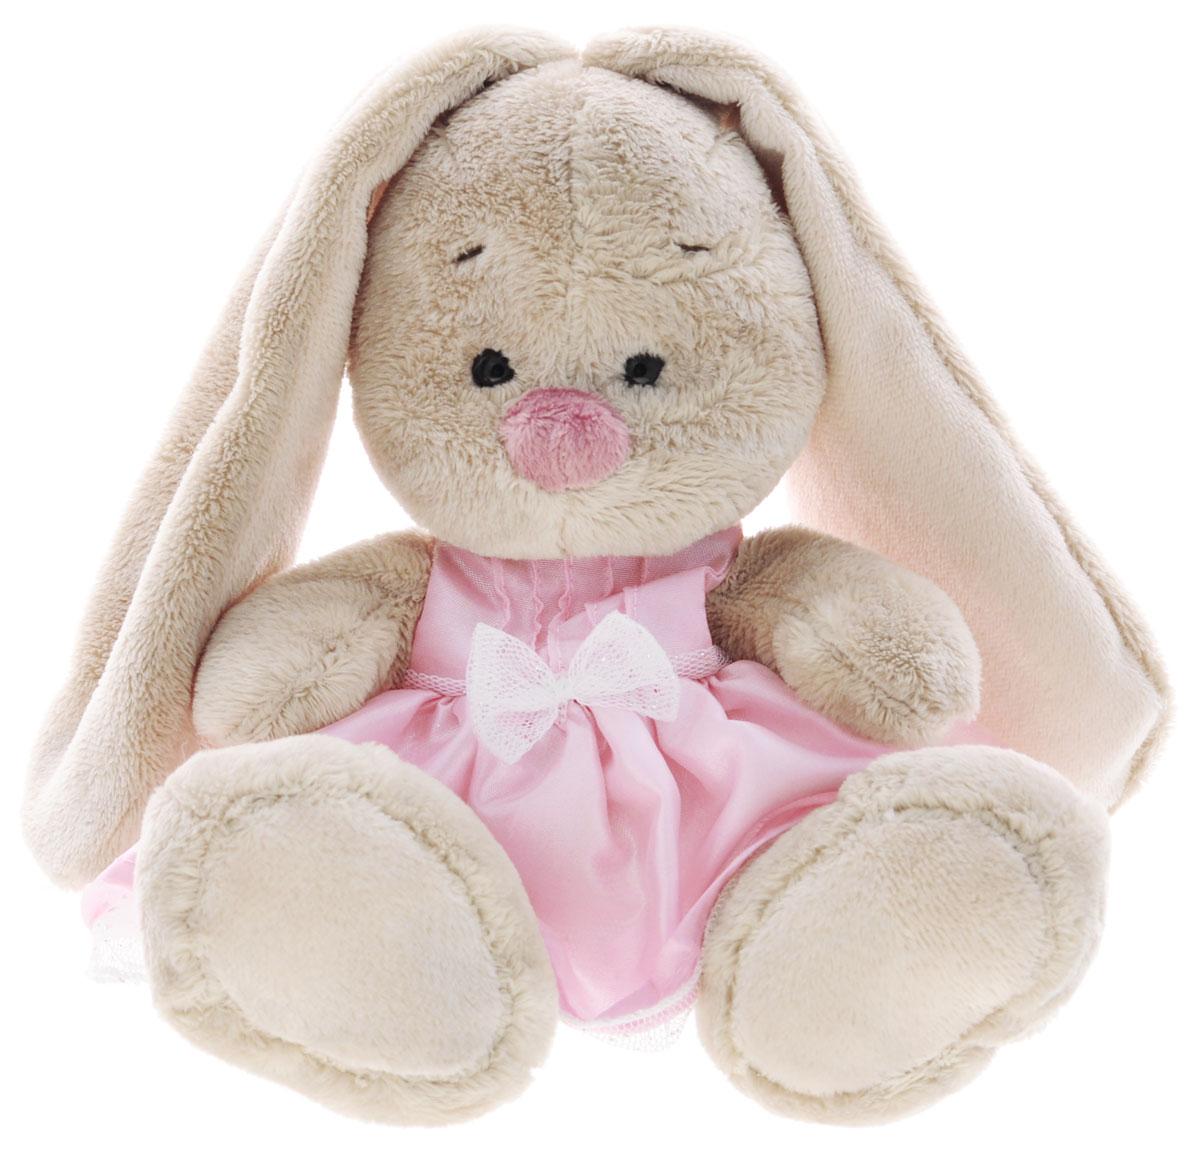 Мягкая игрушка Зайка Ми в платье цвет розовый 15 смSidXm78Мягкая игрушка Зайка Ми подарит малышу немало прекрасных мгновений. Мягкая игрушка изготовлена на основе сказочных образов двух зайчиков. Зайки Мика и Мия похожи друг на друга, как две пуговки на одной рубашке. Поэтому все зовут их ЗайкаМи. Эти милые зайки необыкновенно творческие натуры и ни минуты не сидят без дела. Выбери своего Зайку, или собери их несколько вместе! У Зайки маленькие черные глазки, длинные мягкие ушки и симпатичный носик. На игрушке нарядное бледно-розовое платьице из блестящего креп-атласа. Платье сшито с нижней, пышной юбочкой из белой сеточки с серебряной нитью. Платье украшено нежным бантиком из сеточки. Мягкие игрушки очень полезны для малышей, потому как весьма позитивно влияют на детскую нервную систему, прогоняя всевозможные страхи. Играя, малыш развивает фантазию и воображение, развивает тактильную чувствительность и хватательные рефлексы. Игрушка выполнена из нетоксичных гипоаллергенных материалов и содержит мелкие гранулы,...